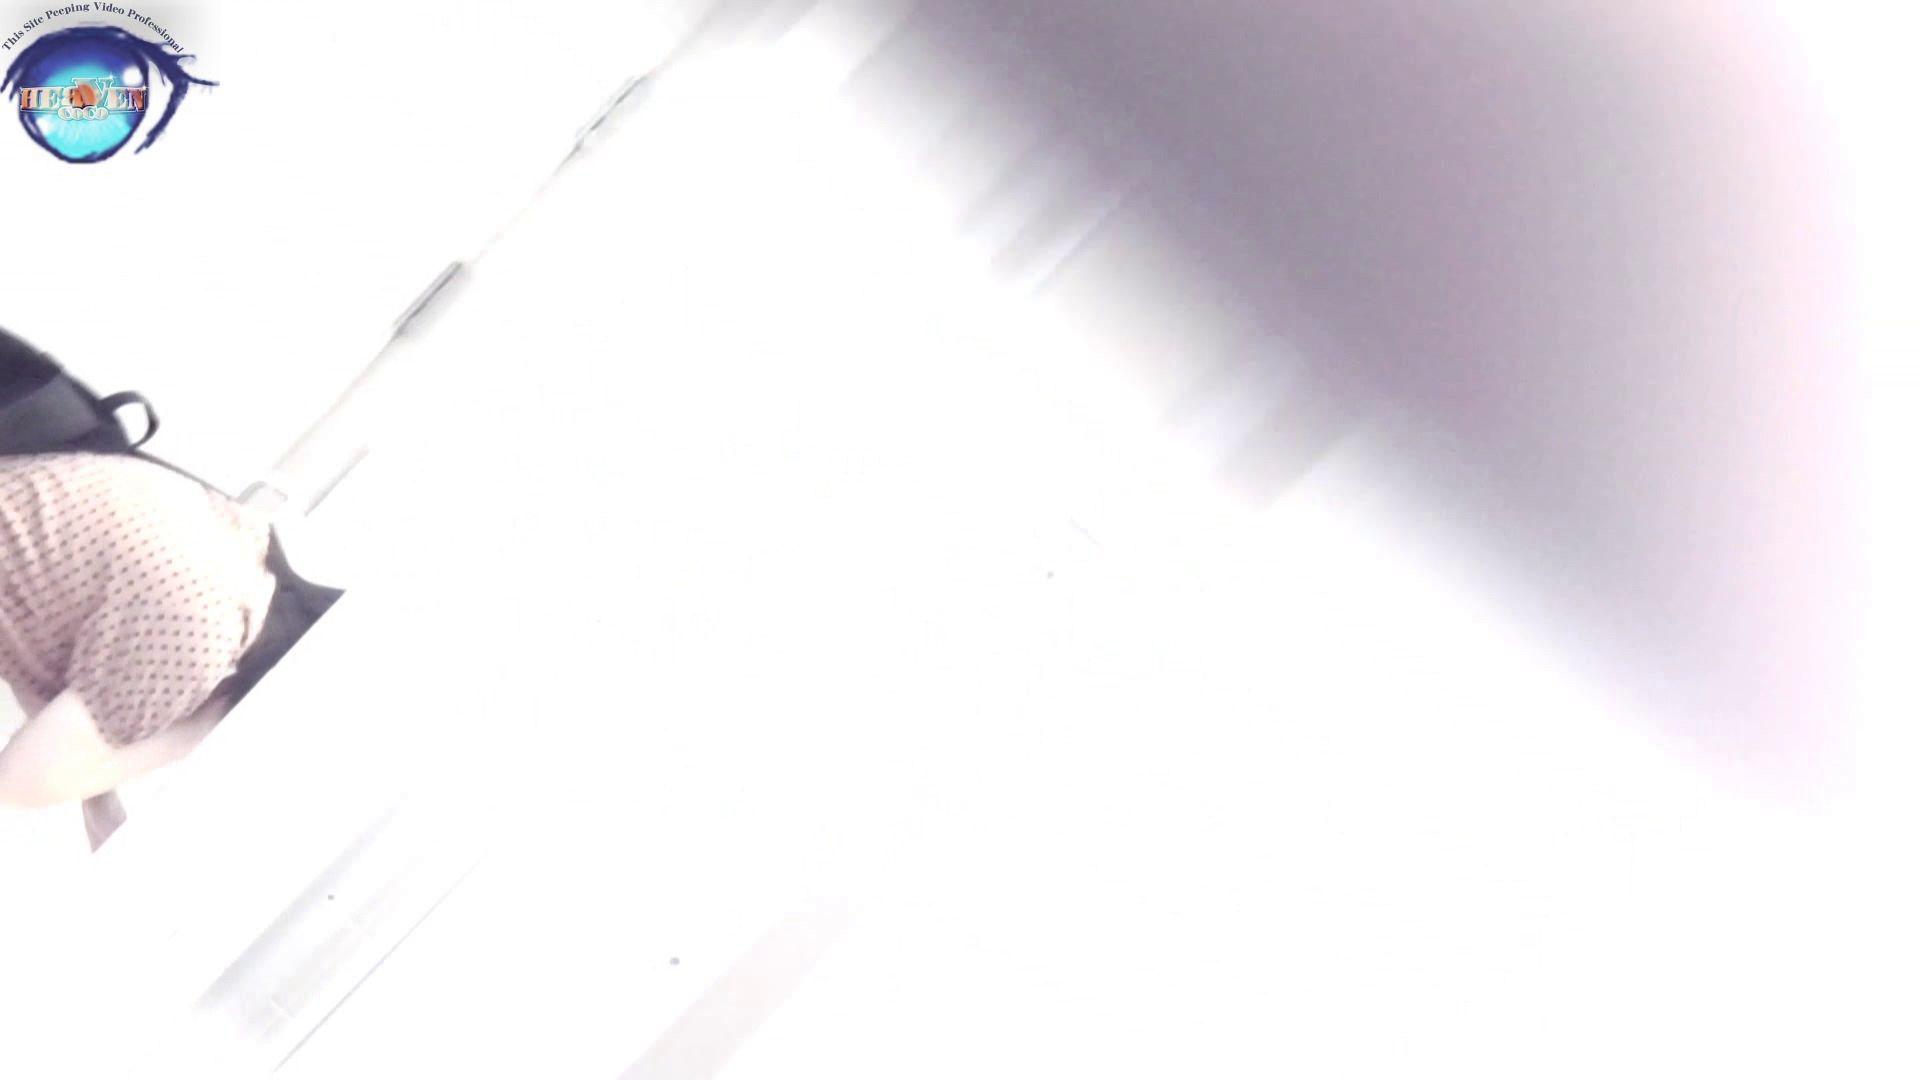 洗面所突入レポート!!お銀 vol.68 無謀に通路に飛び出て一番明るいフロント撮り実現 前編 洗面所編   0  86PIX 69